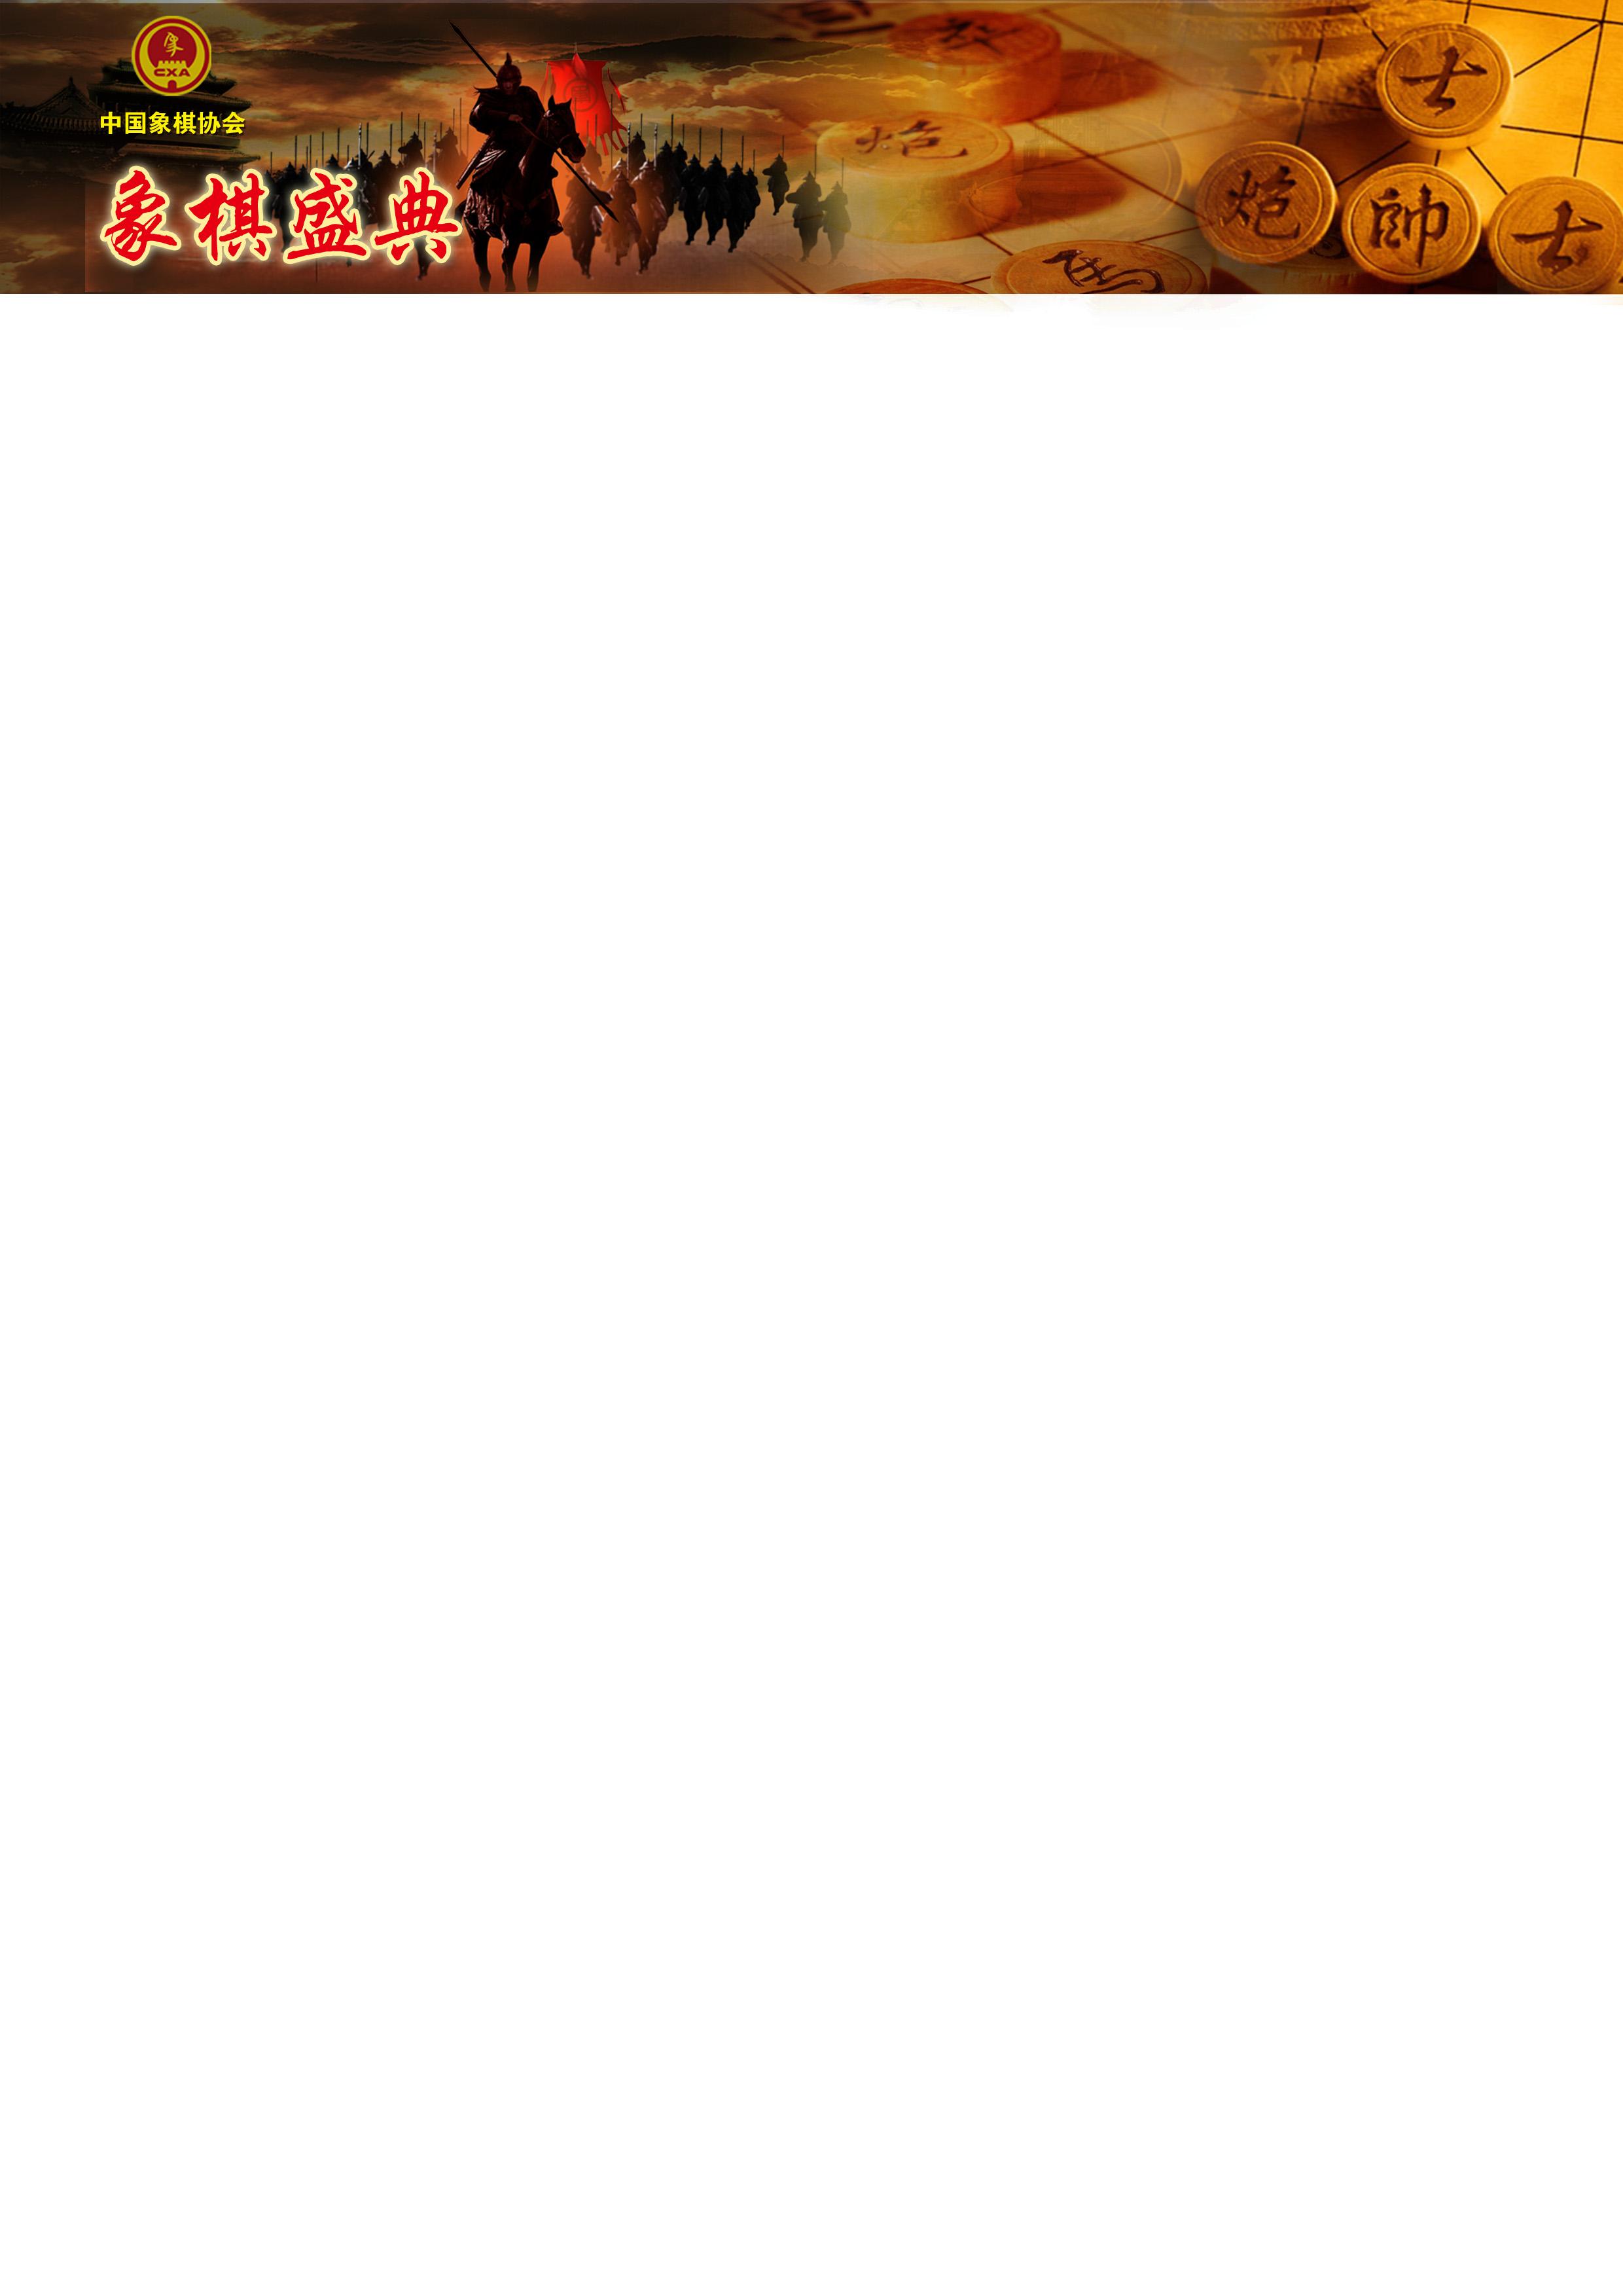 """各地方象棋赛事活动主办单位:   我协会下发的""""关于评选、表彰2012年《象棋盛典》之地方象棋活动的通知""""得到了各地的积极响应,有超过50场象棋活动已报至我协会。本次""""象棋盛典""""系列活动的举办,旨在通过此项平台,进一步推广和传播象棋运动,打造地方象棋活动品牌,有效地实现协会与地方各主办单位相互促进、共同发展的目的。我协会将成立评审组,对本年度申报的所有地方赛事活动进行评审,选出年终十佳业余赛事活动,并给予表彰。   评选活动实施步骤如下:   一、此次申"""